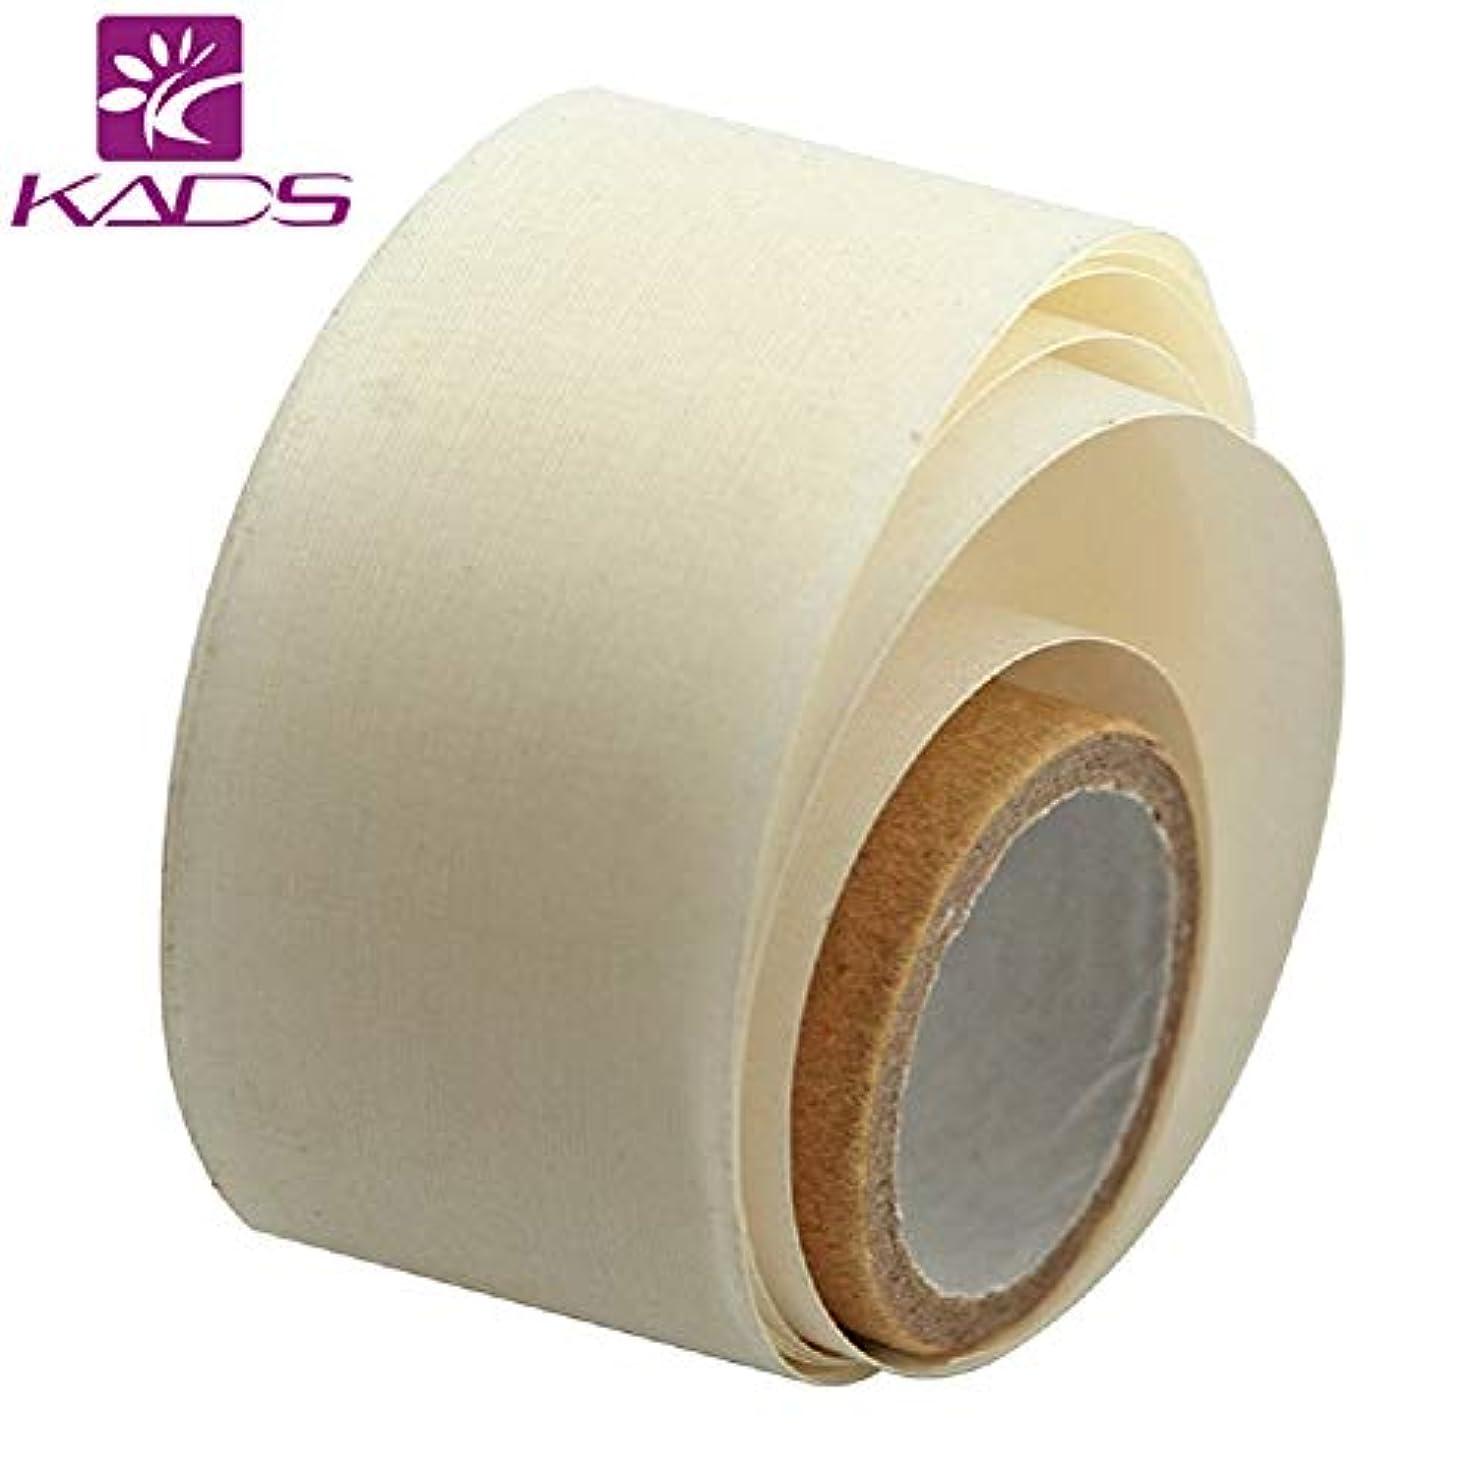 居間組申請中KADS ネイルシルクテープ ネイルリペアテープペラ用 爪の補修 ジェルアクリルネイルアートツール